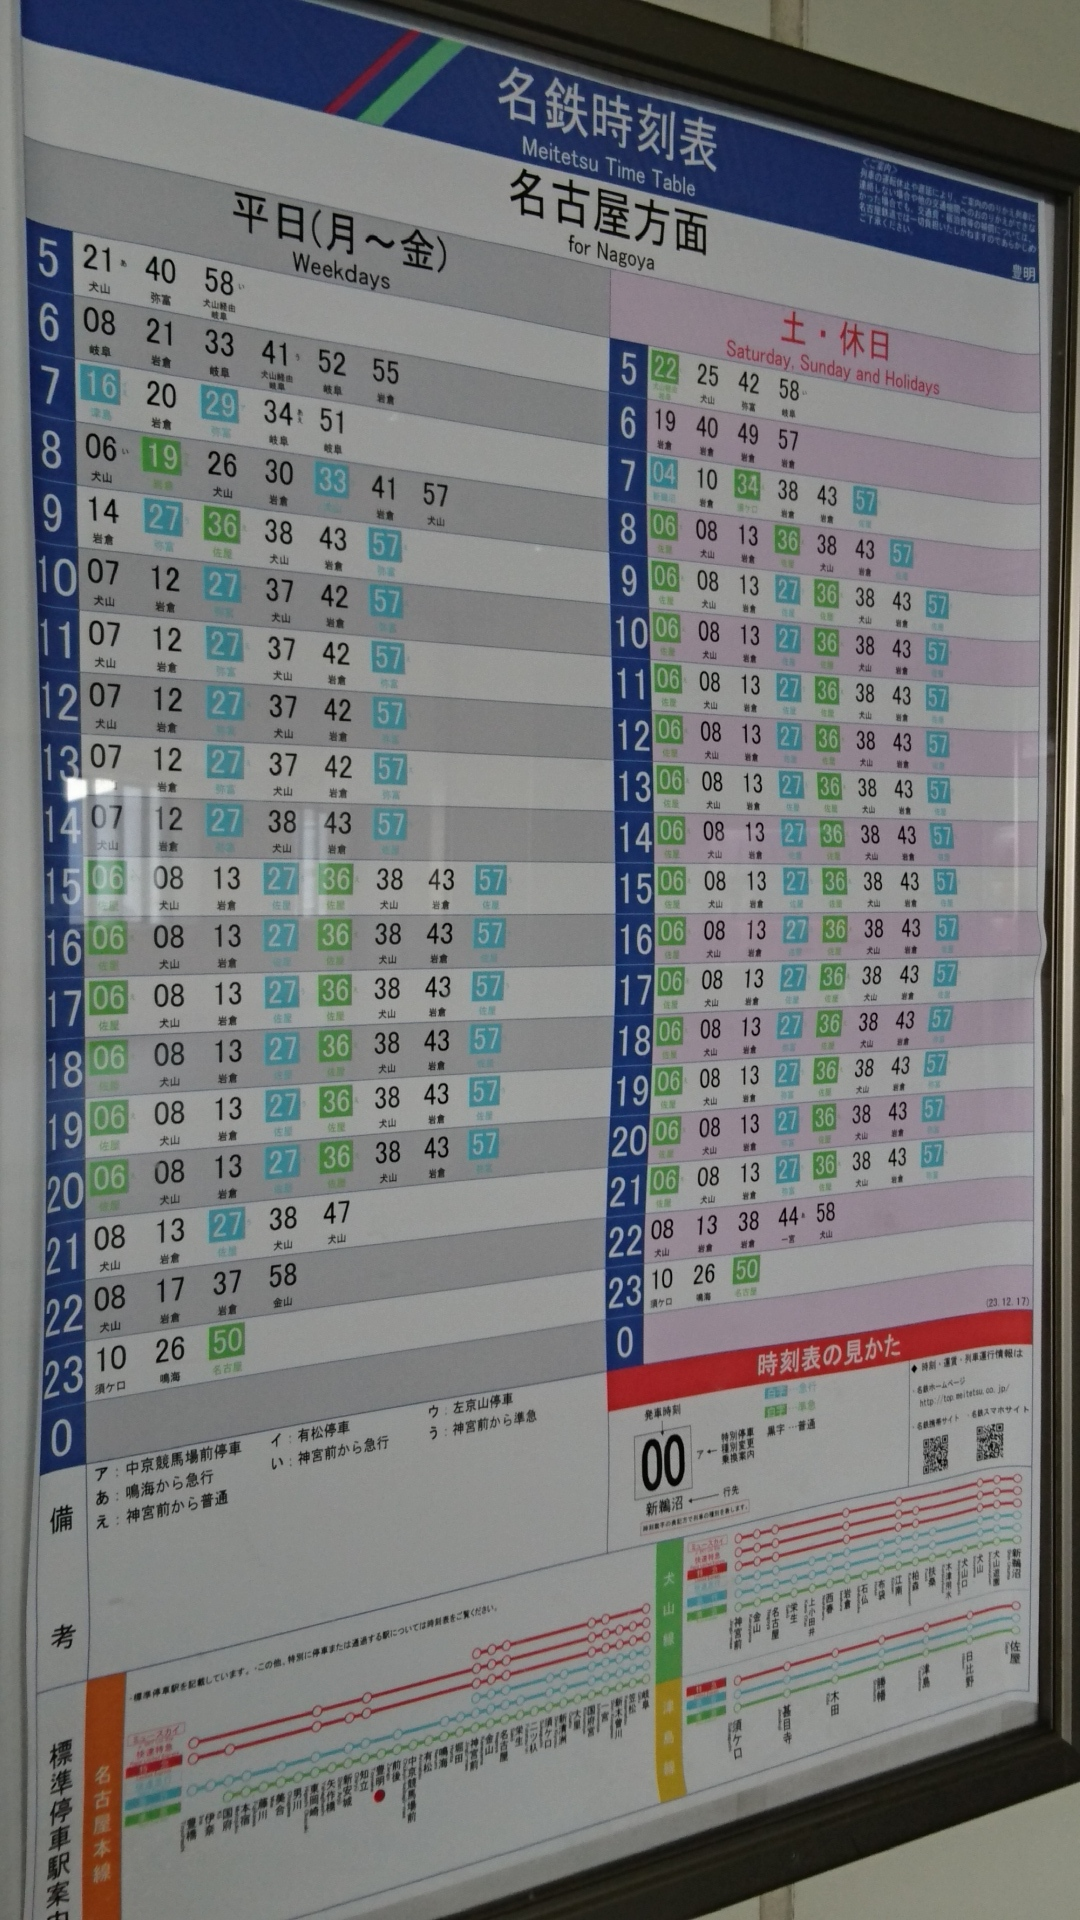 2017.4.15 名鉄 (30) 豊明 - 名古屋方面時刻表 1080-1920